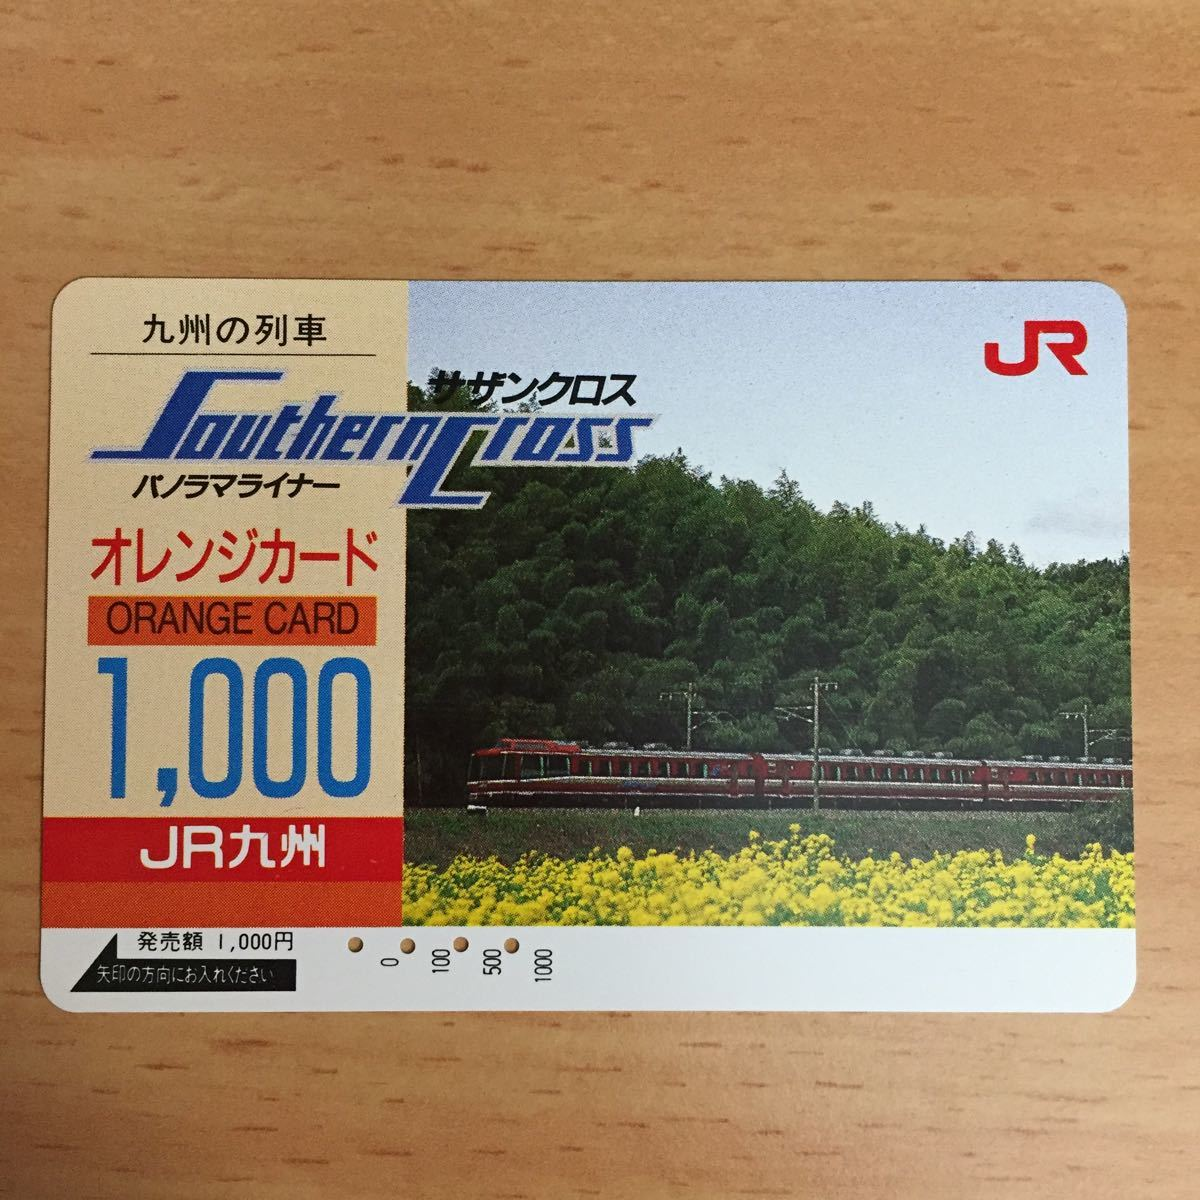 オレンジカード JR九州 サザンクロス 使用済み